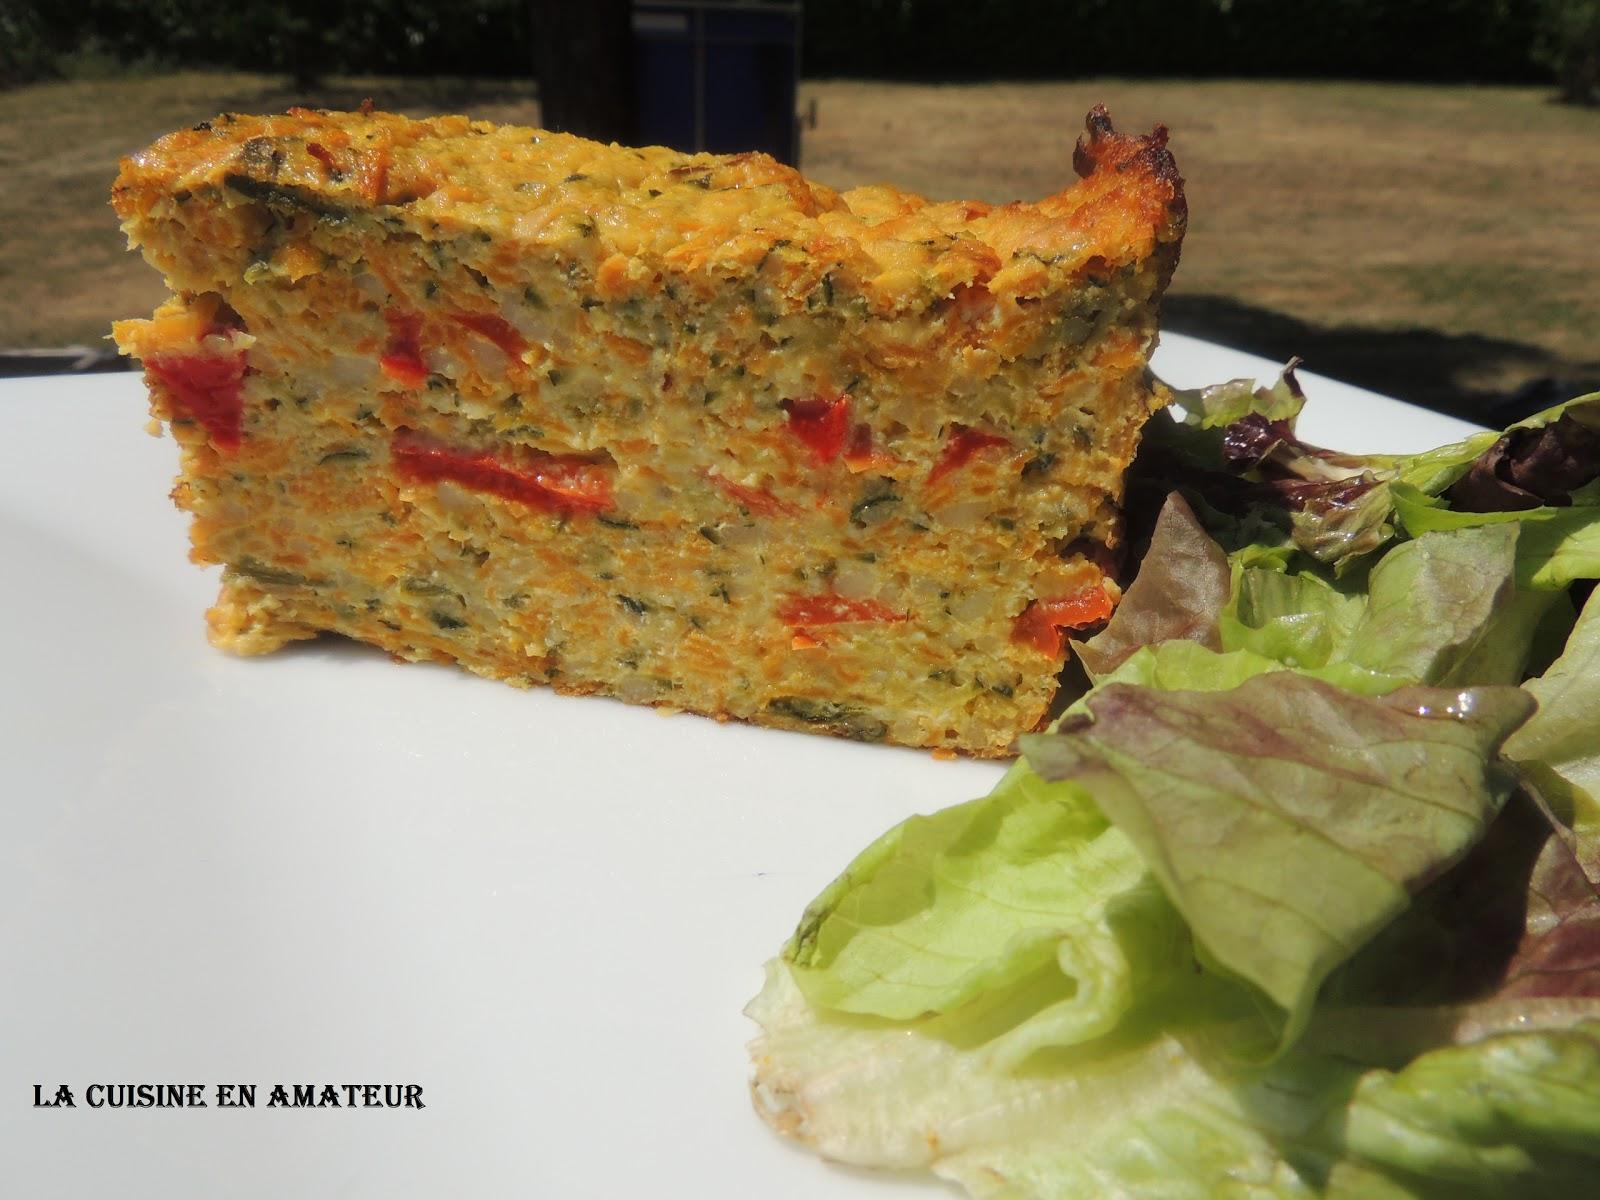 La cuisine en amateur de maryline terrine de l gumes - Terrine de legumes facile et rapide ...